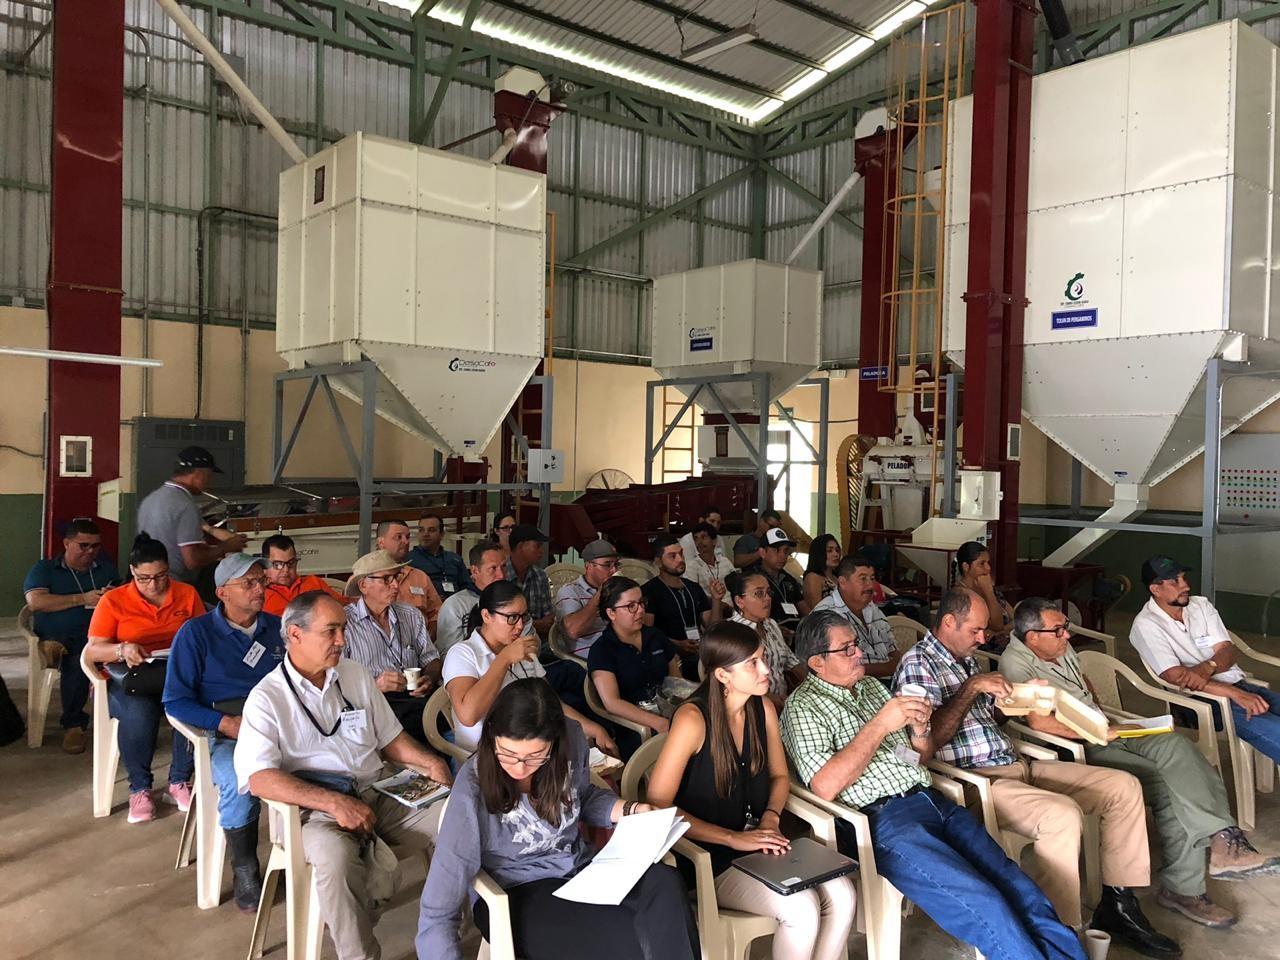 <p>Caficultores en Coto Brus, Costa Rica se reúnen en una nueva planta de alistado, gestionada por una asociación de productores. Fotografía: Adriana Gómez Castillo</p>